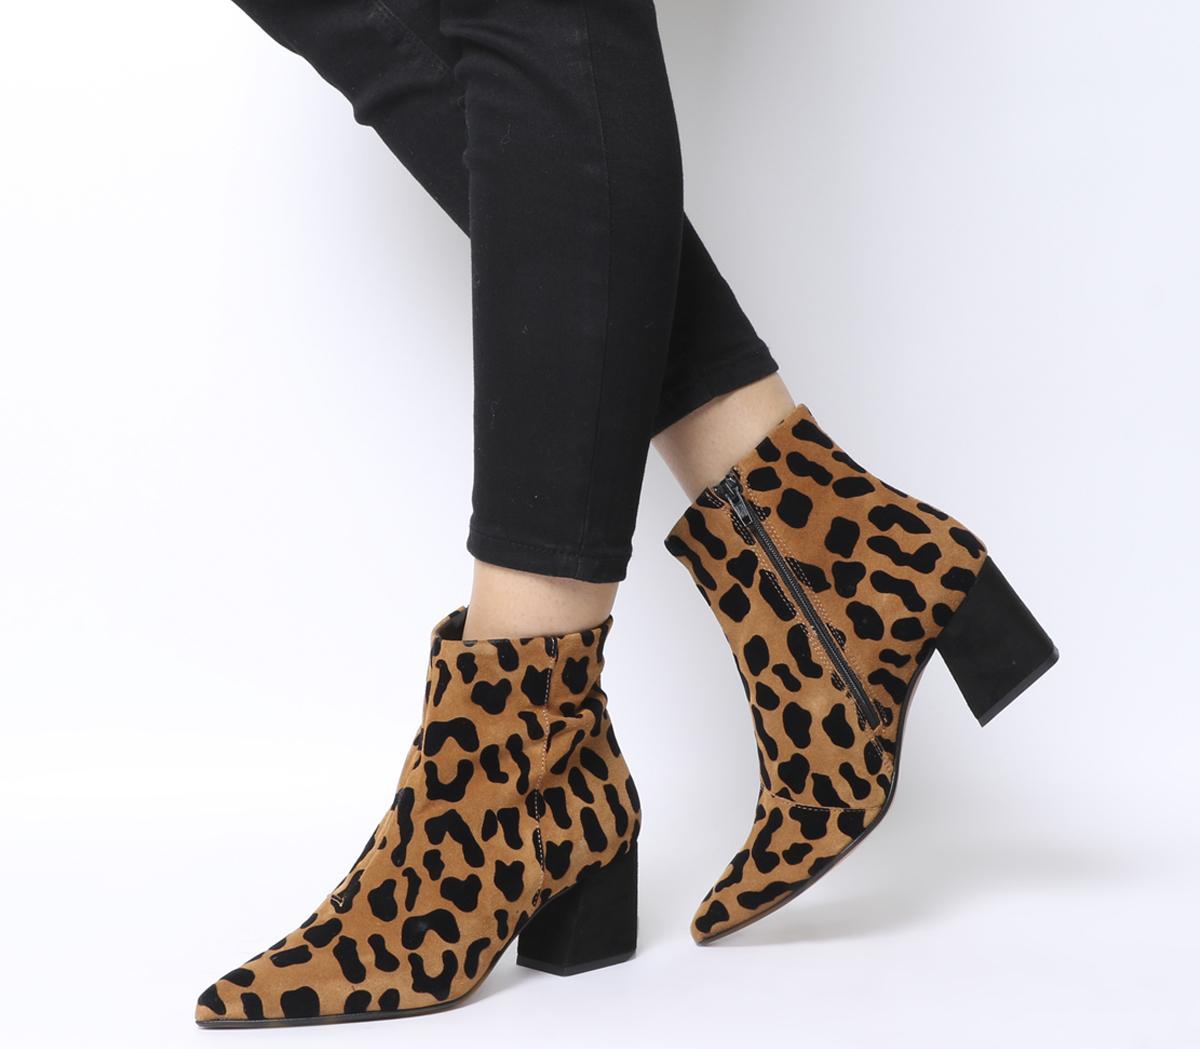 Awaken Block Heel Ankle Boots